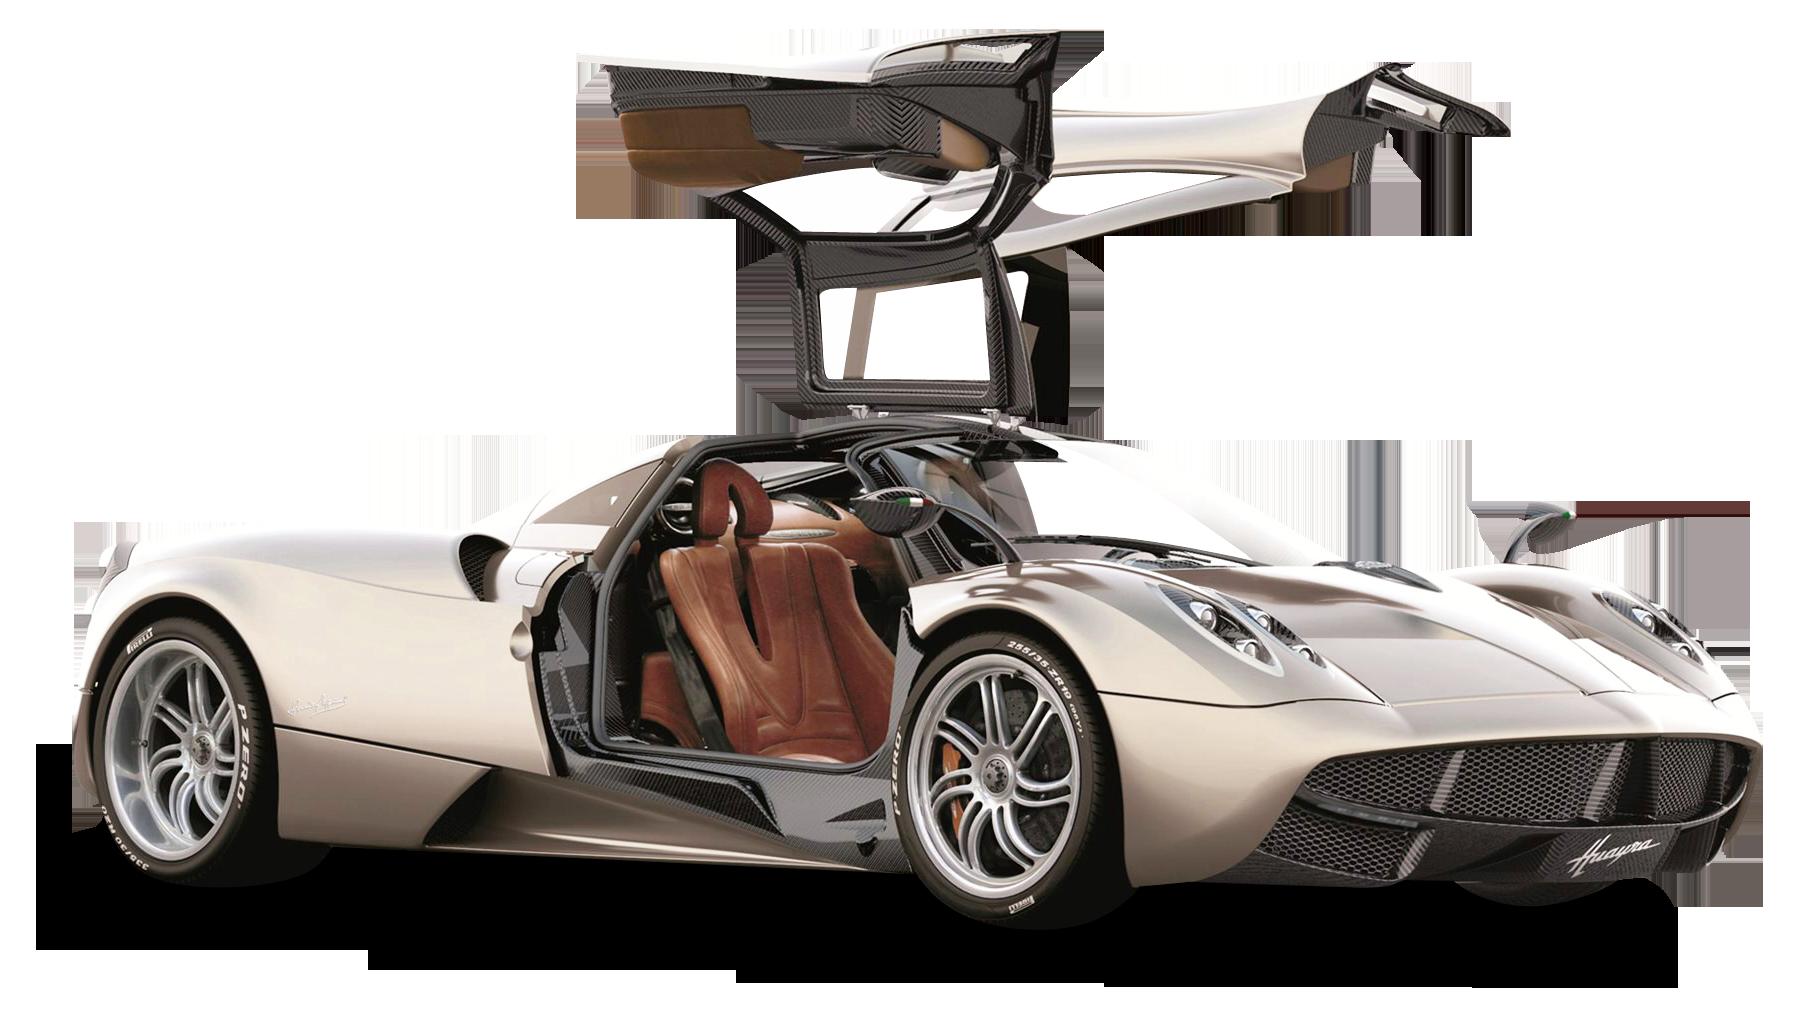 Pagani Huayra Sports Car Pagani Huayra Sports Car Car